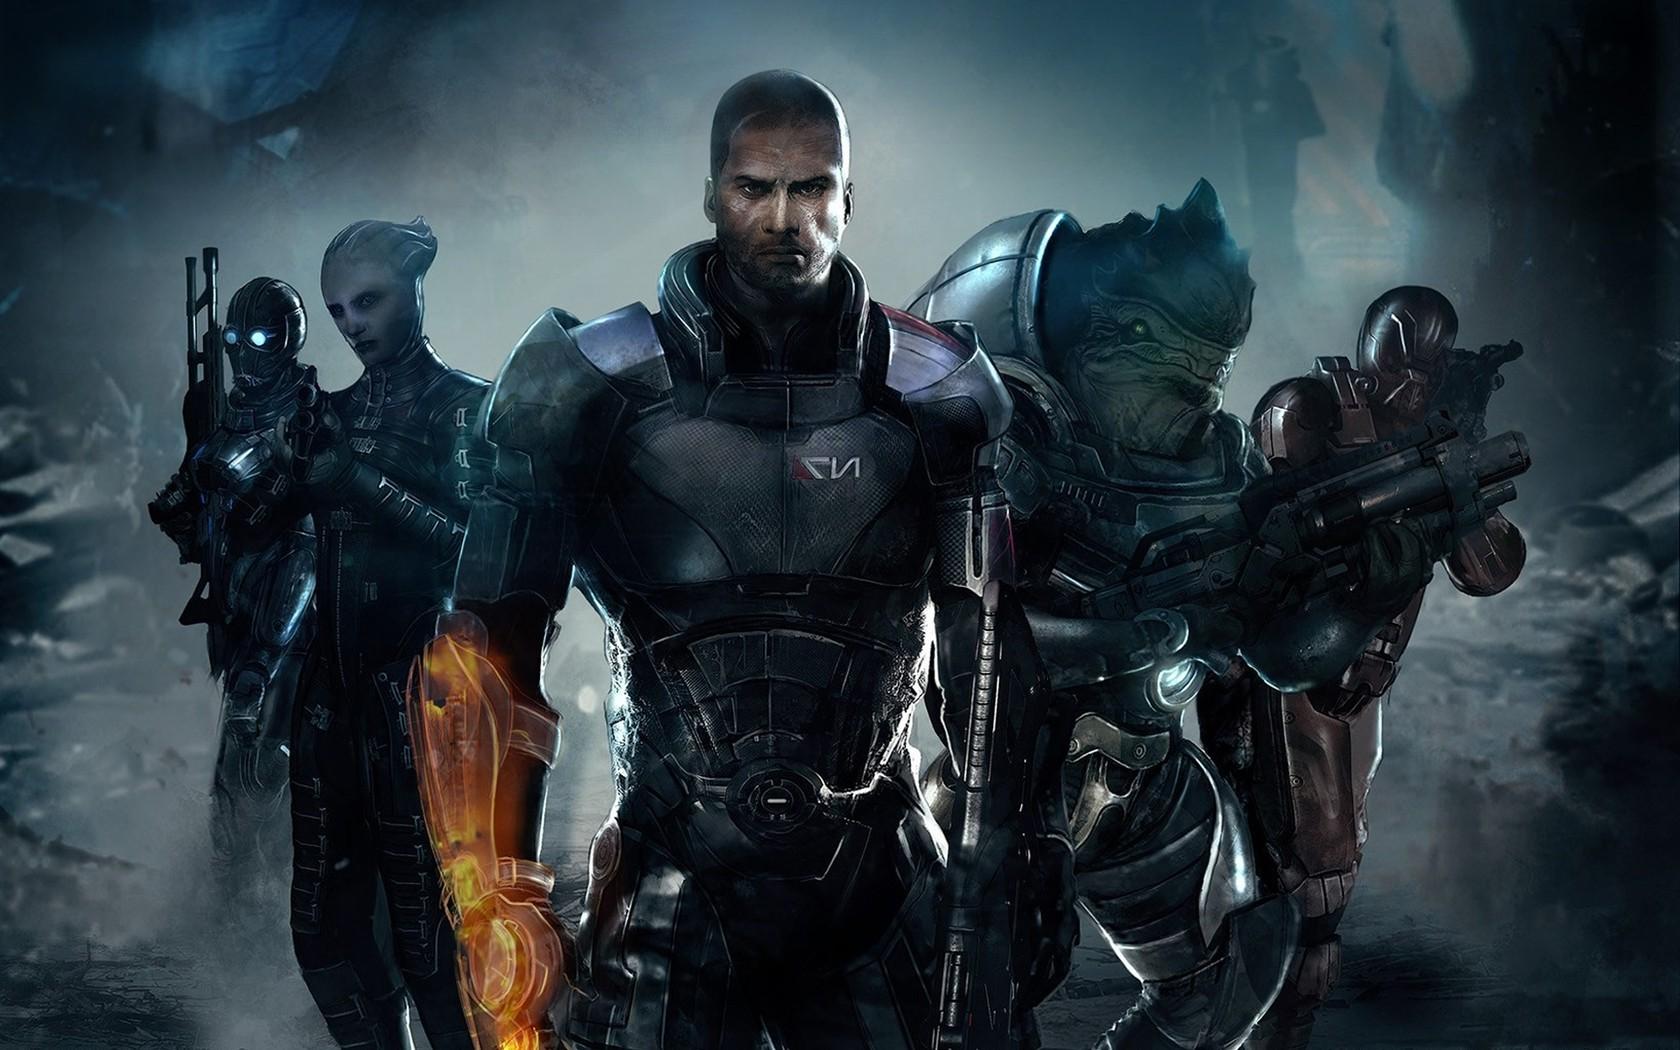 Wallpaper Video Games Mass Effect Machine Mass Effect 2